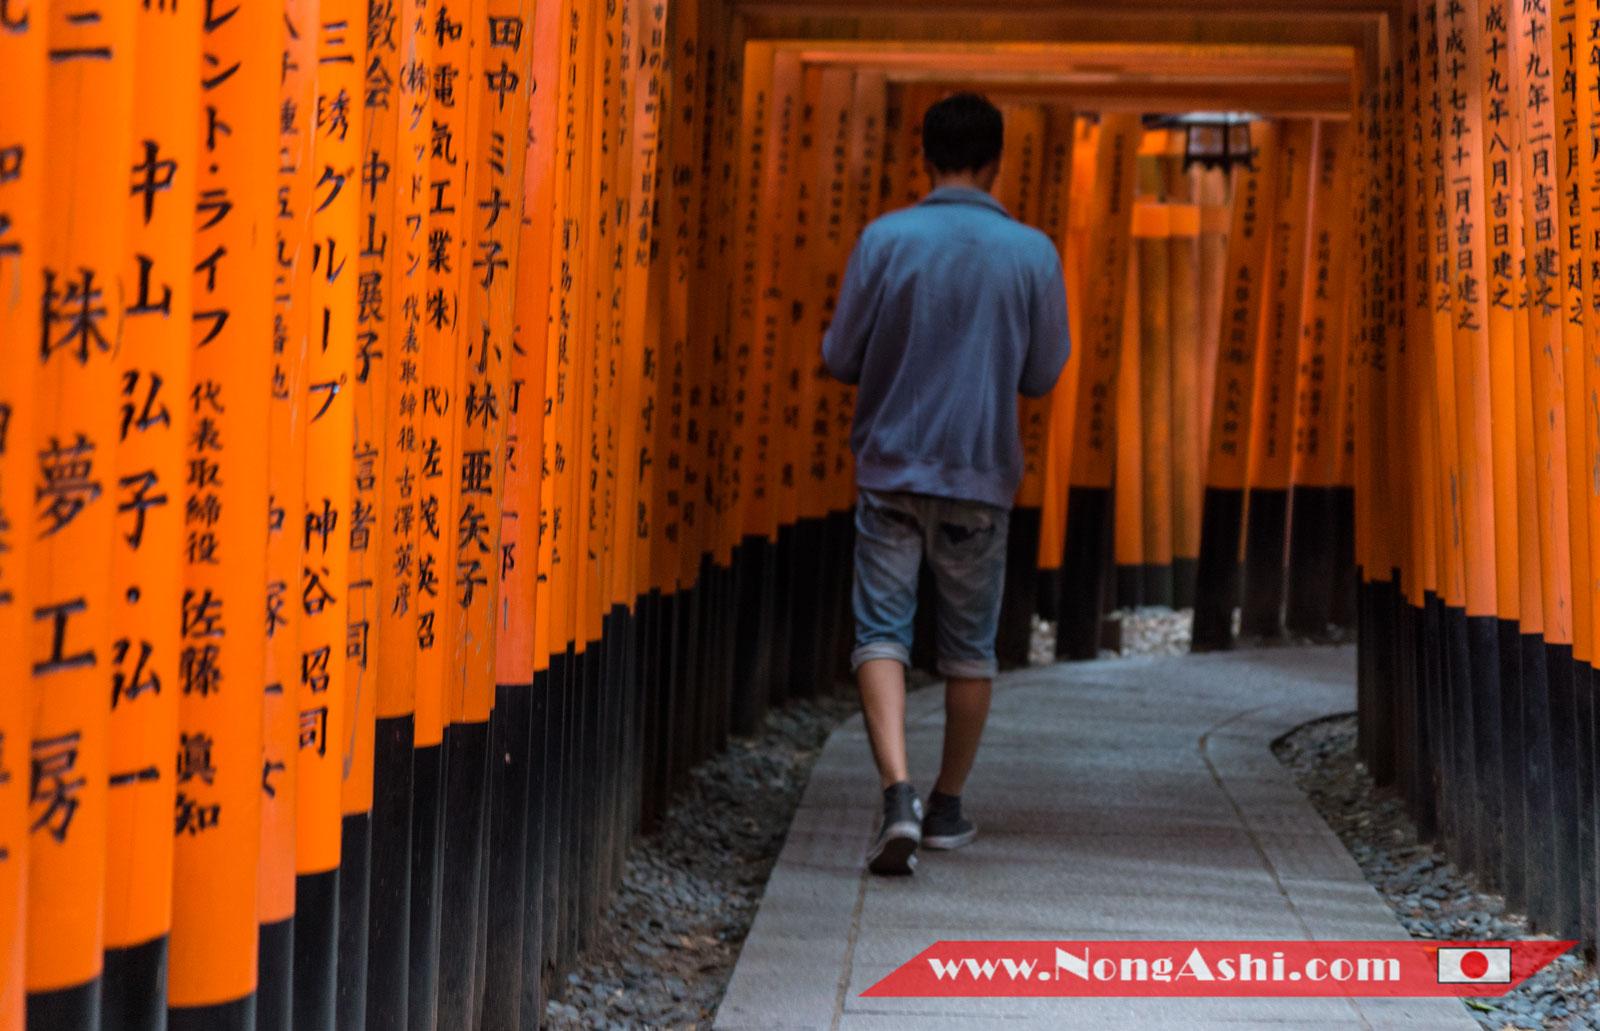 บริเวณศาลเข้า Inari